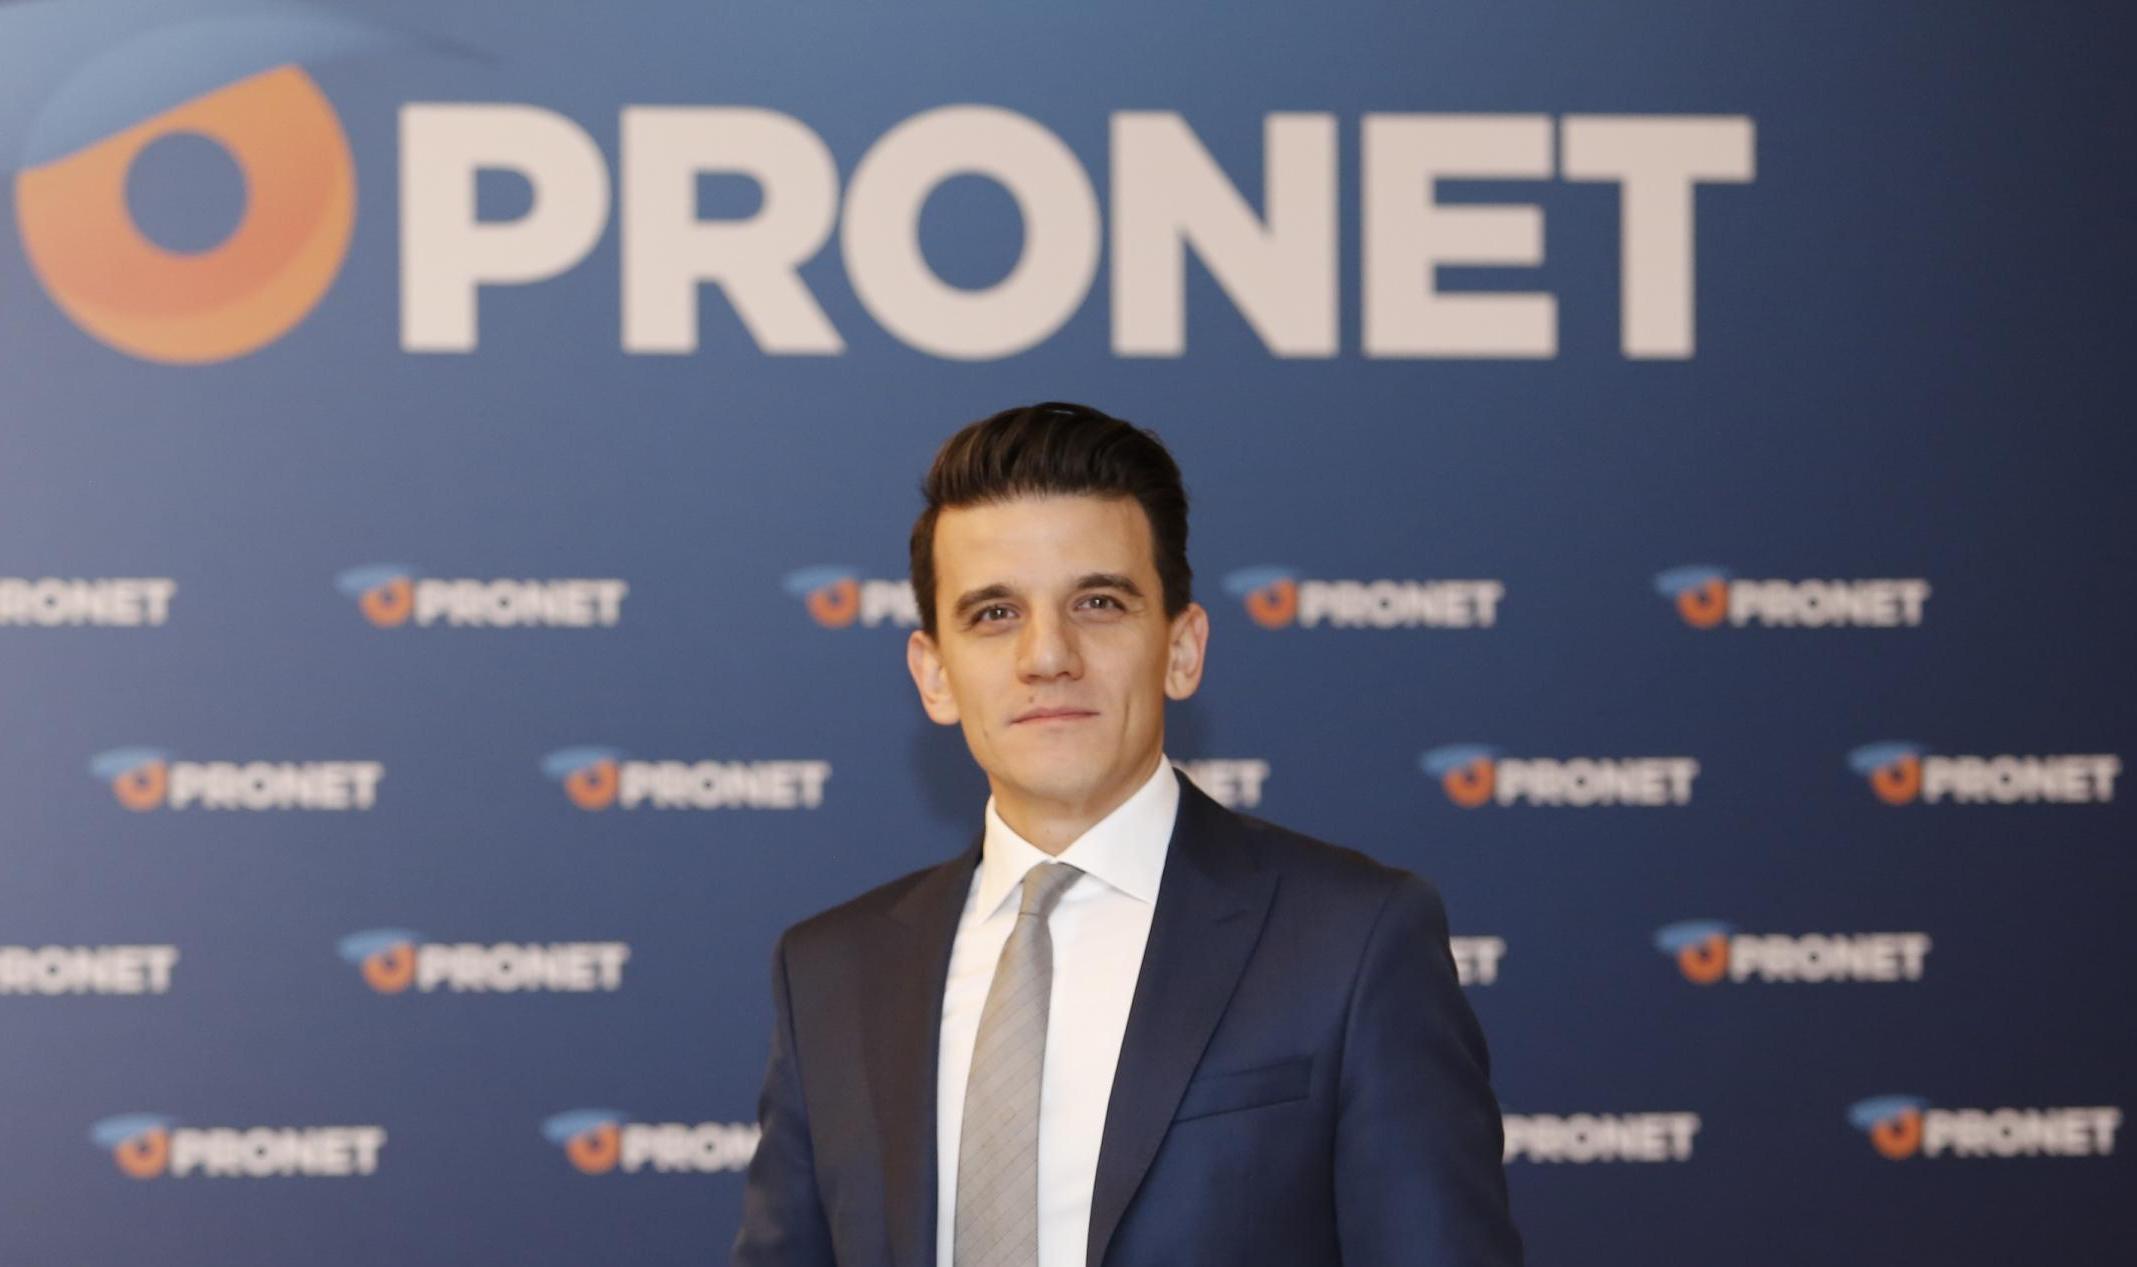 Pronet'in Pazarlamadan Sorumlu Genel Müdür Yardımcısı Olgun Kükrer oldu